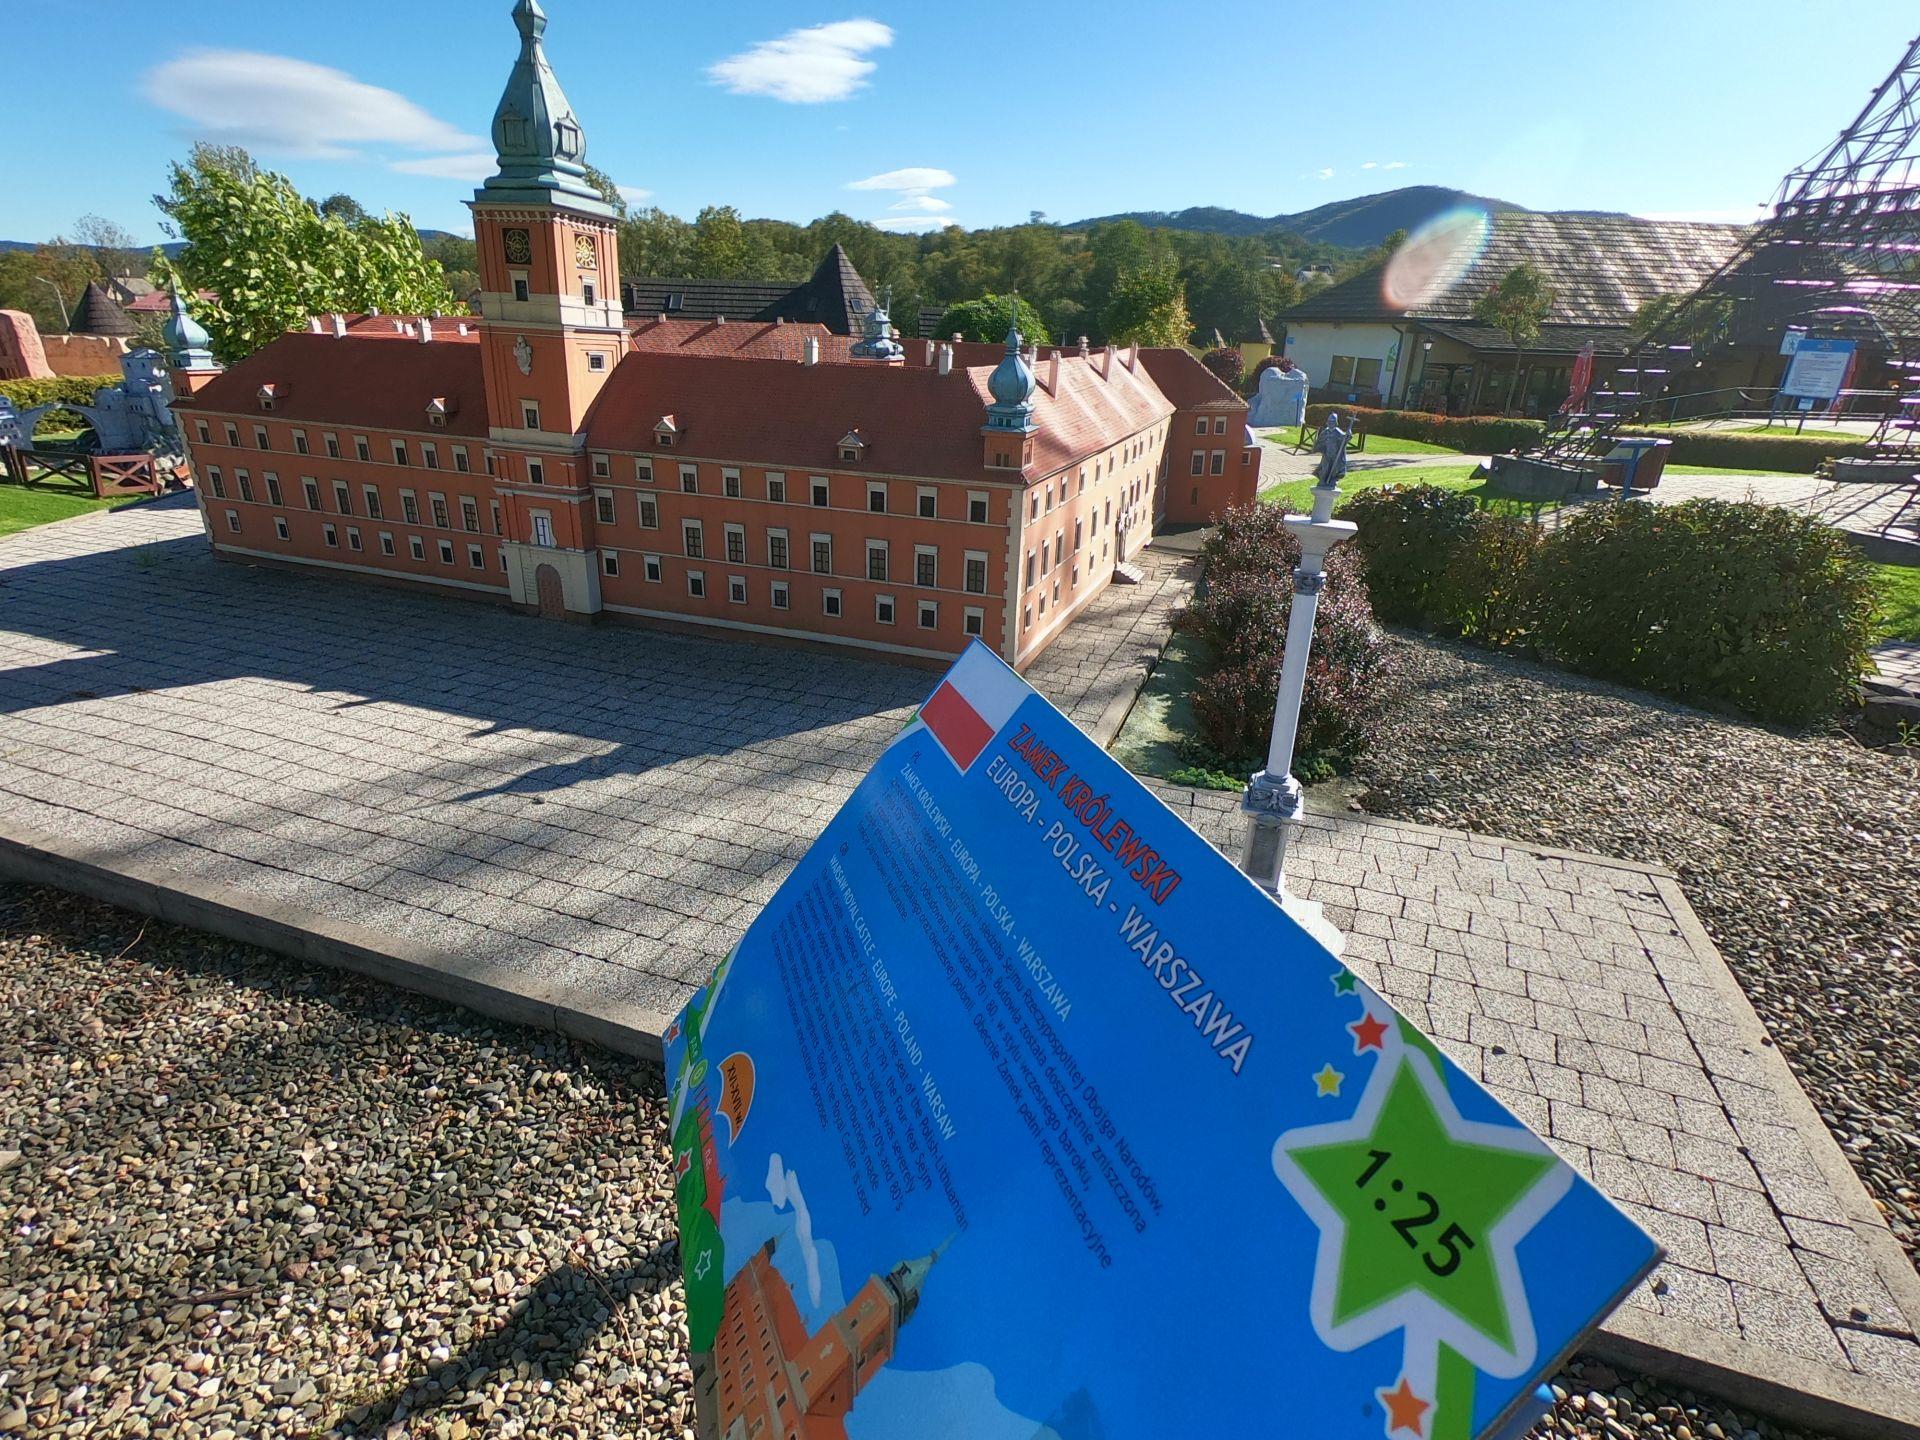 Zamek Królewski w Parku Miniatur w Inwałdzie podczas wycieczki jednodniowej